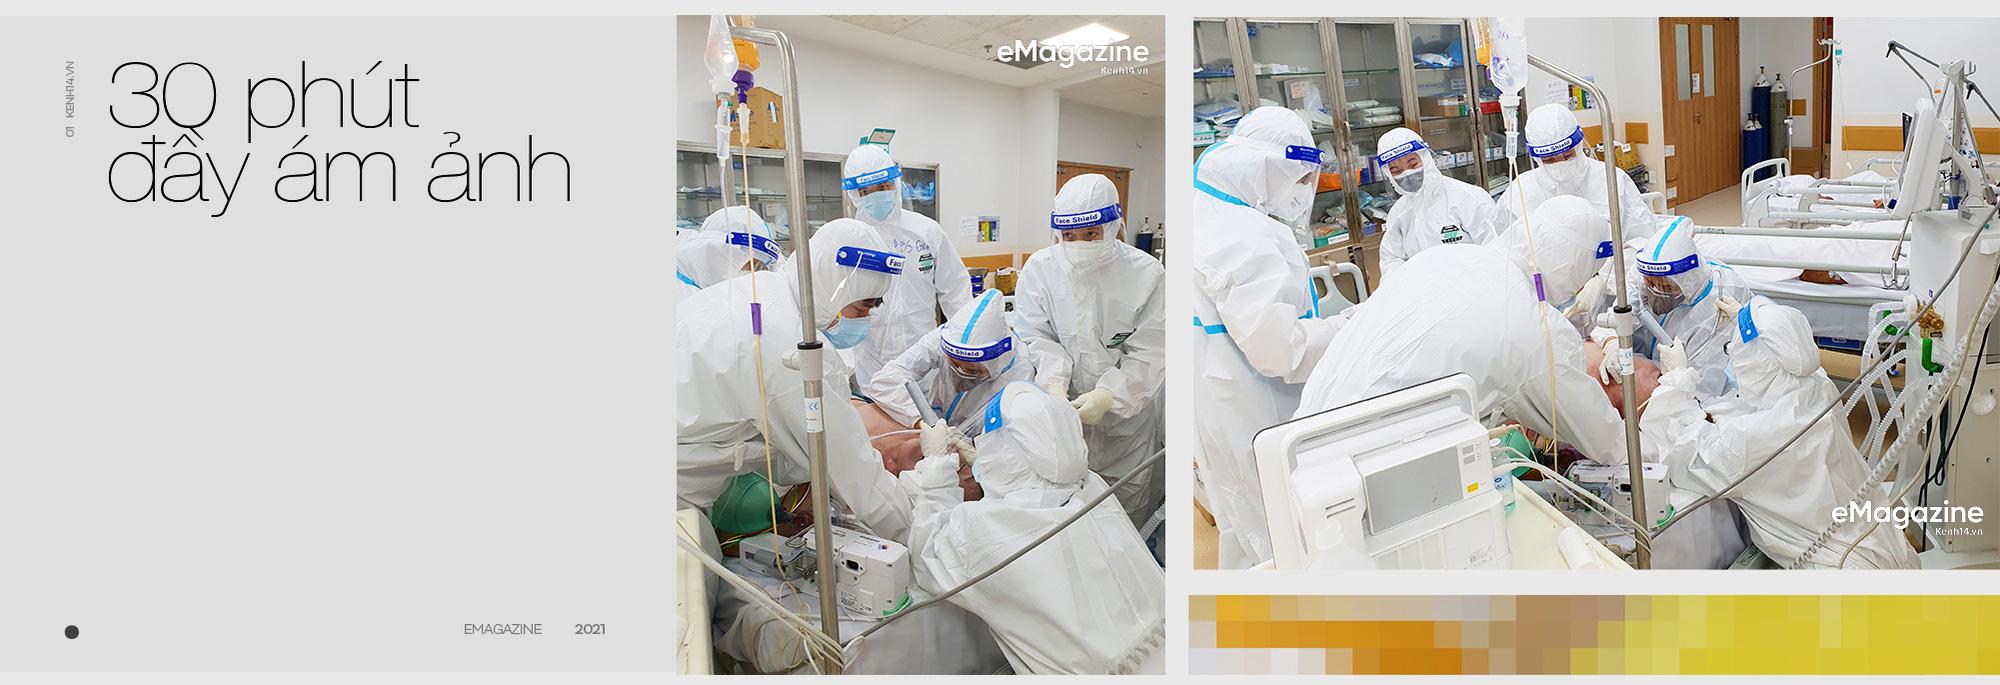 """7 giờ tại bệnh viện hồi sức Covid-19: Phút cân não giành giật từng hơi thở và cái cúi đầu """"tạm biệt"""" - Ảnh 1."""